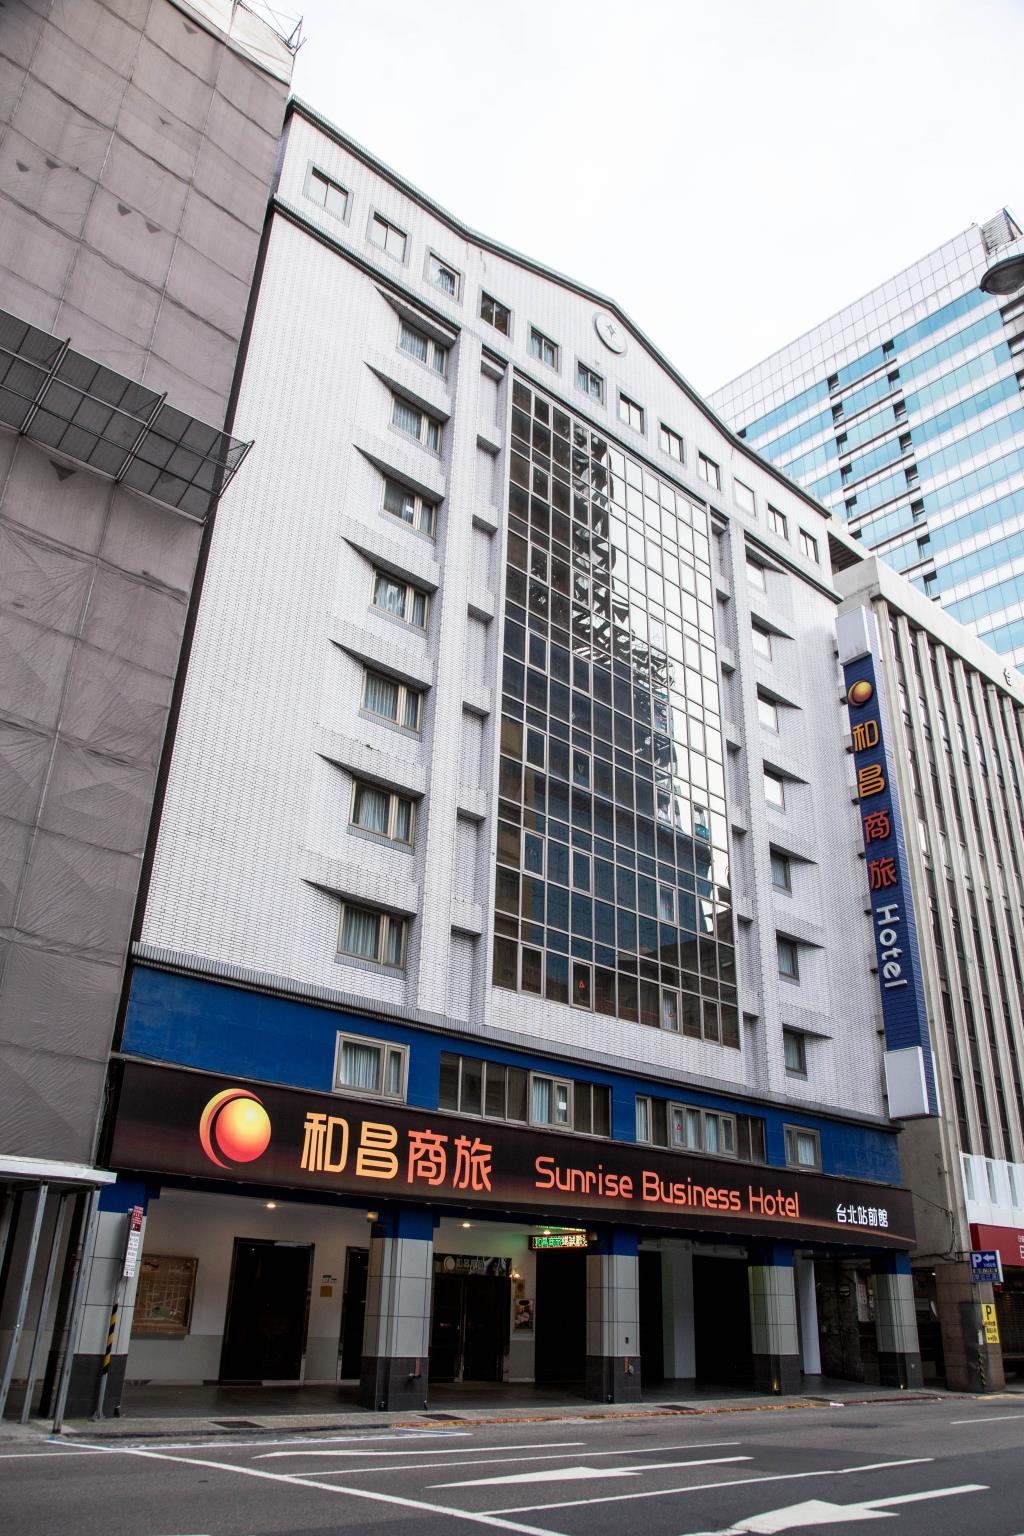 和昌商旅 - 站前館 Sunrise Business Hotel – Taipei Station